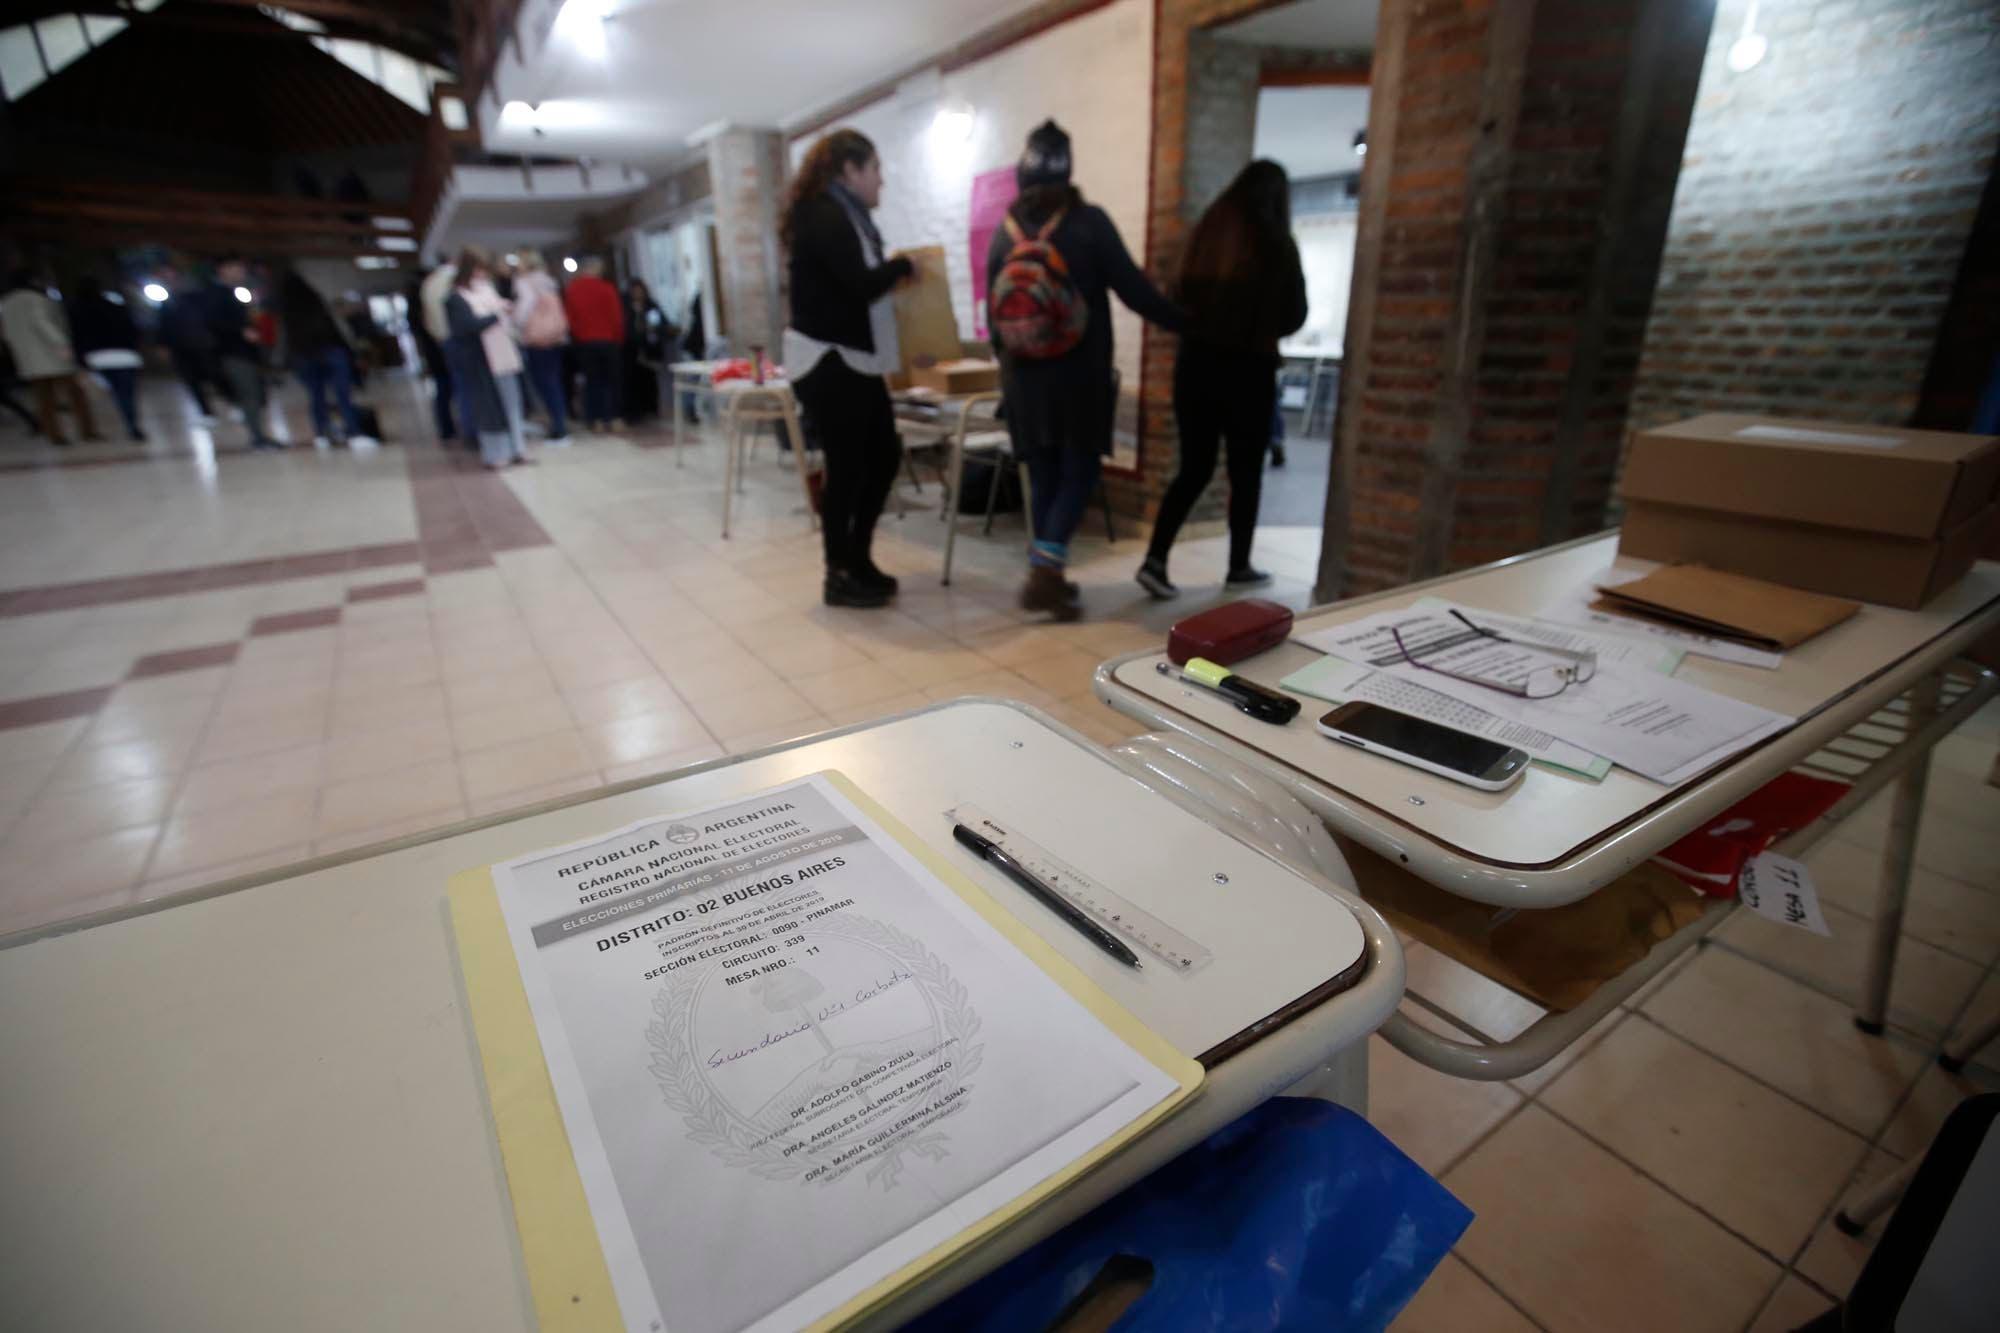 Diputados de Juntos por el Cambio proponen implementar la boleta única de manera excepcional por la pandemia